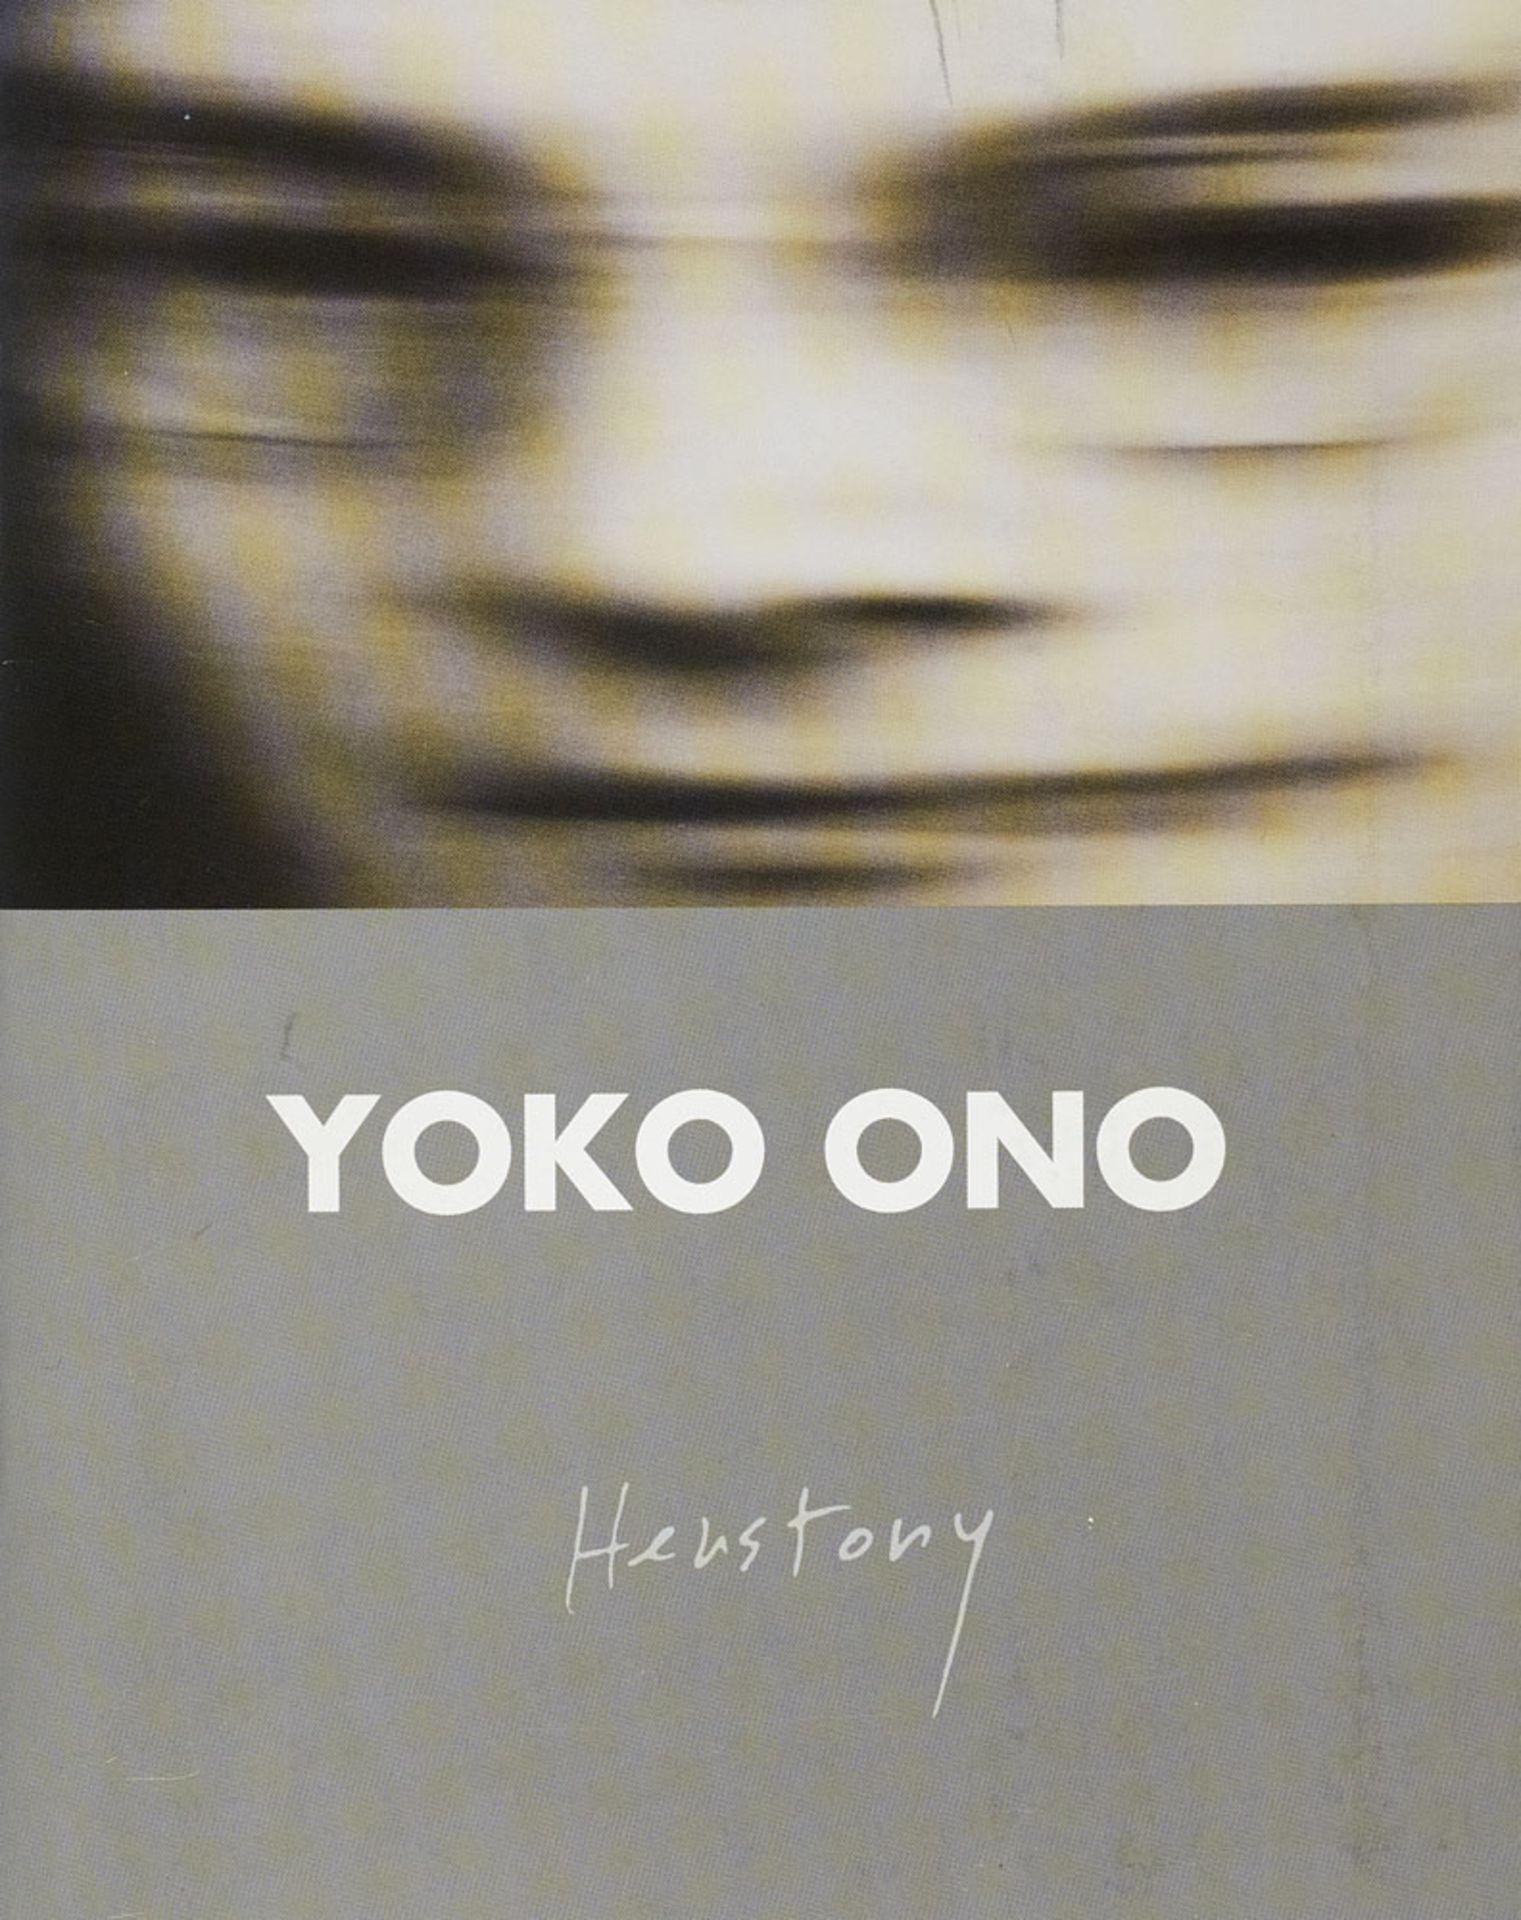 Avantgarde - Fluxus - - Yoko Ono.